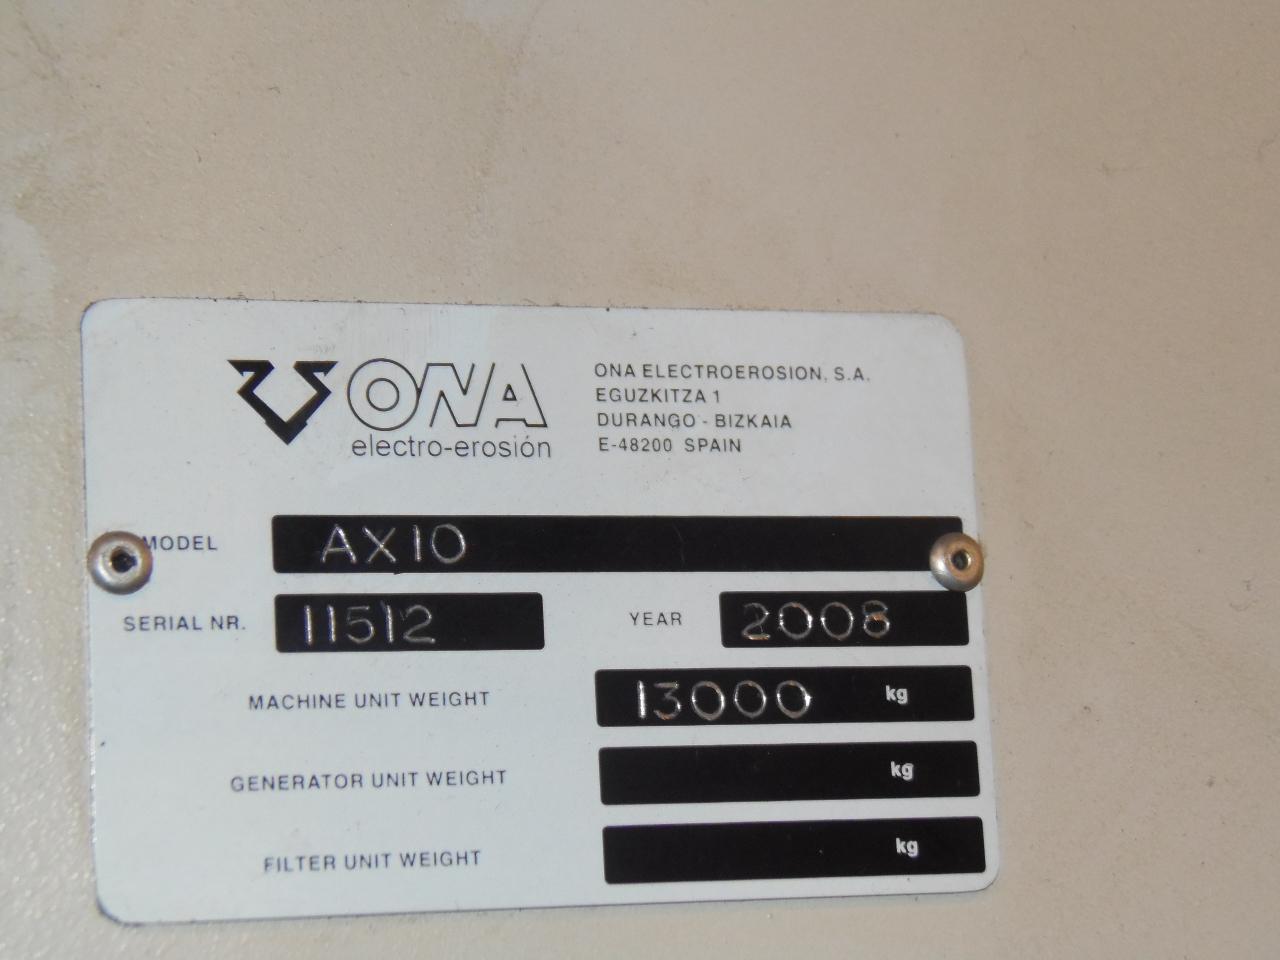 """ONA EDM MODEL AX10, TRAVELS 59.1 X 39.4 X 27.5"""", 78.7 IPM TRAVERSE, TAPER, UV AXIS, 76 X 63 X 27.5 WORKPIECE, 22,000 LBS WEIGHT CAP., NEW 2008"""